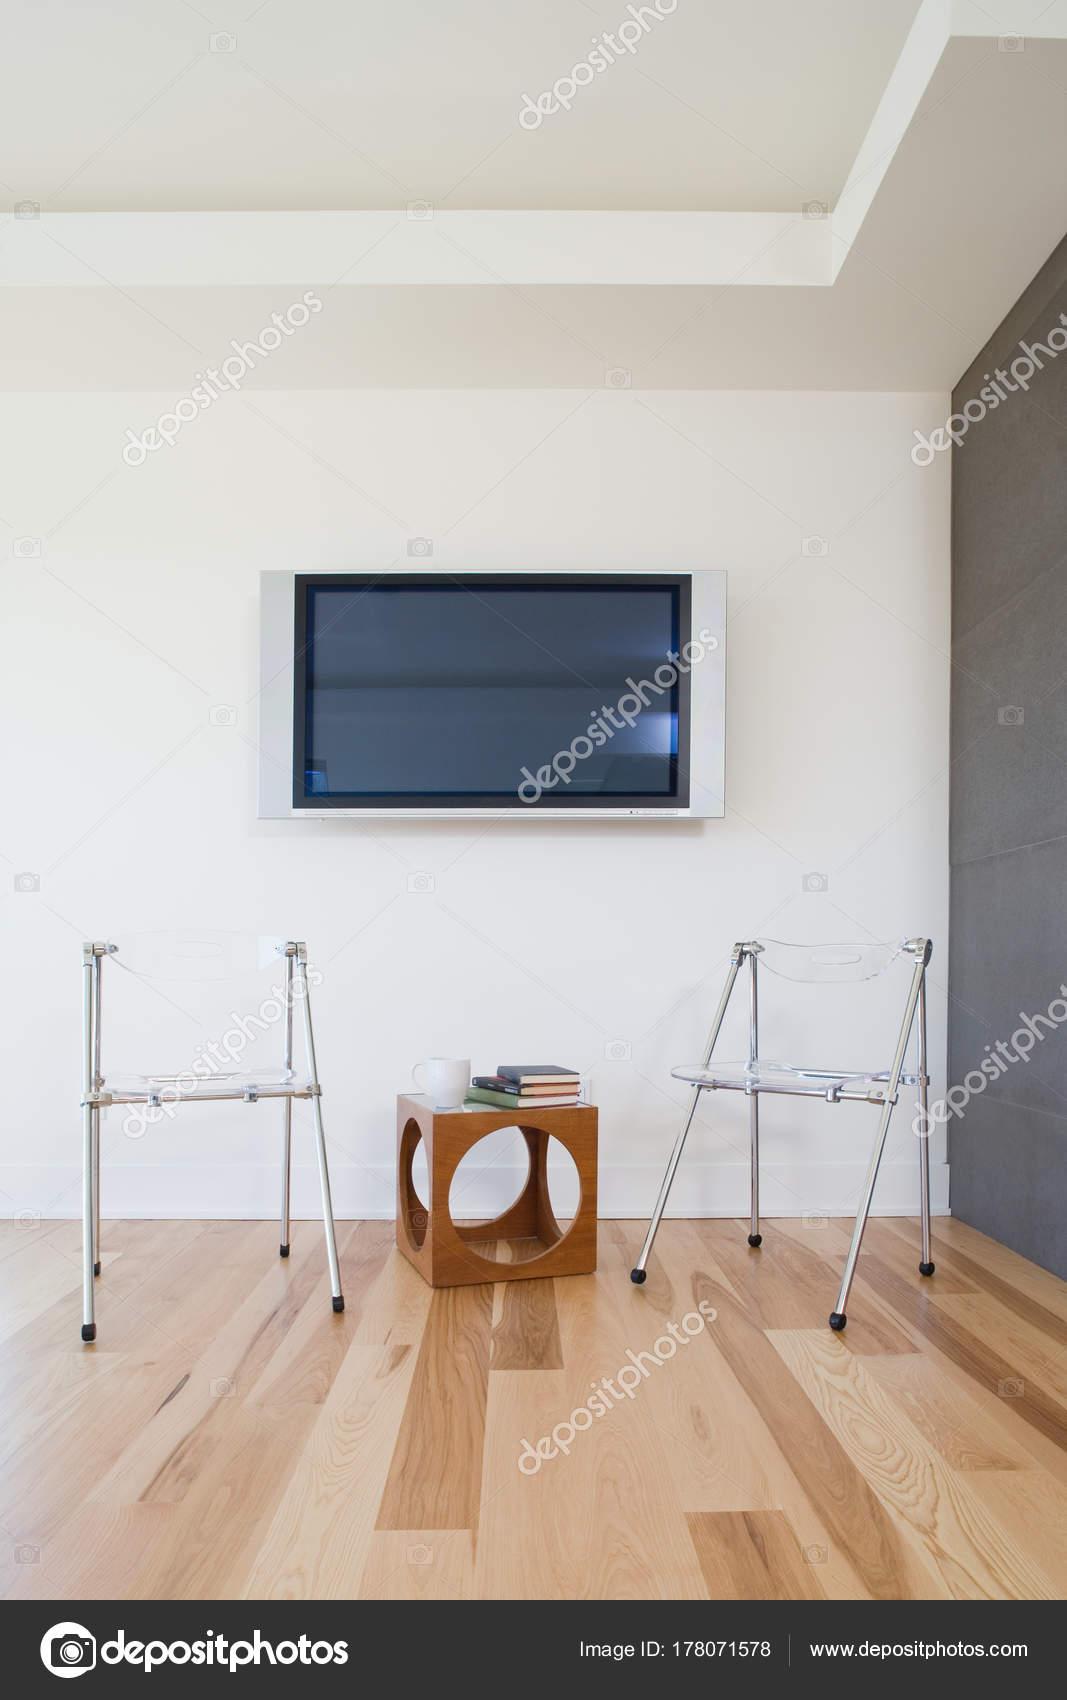 Stühle Wohnzimmer Innendekoration — Stockfoto © ImageSource #178071578